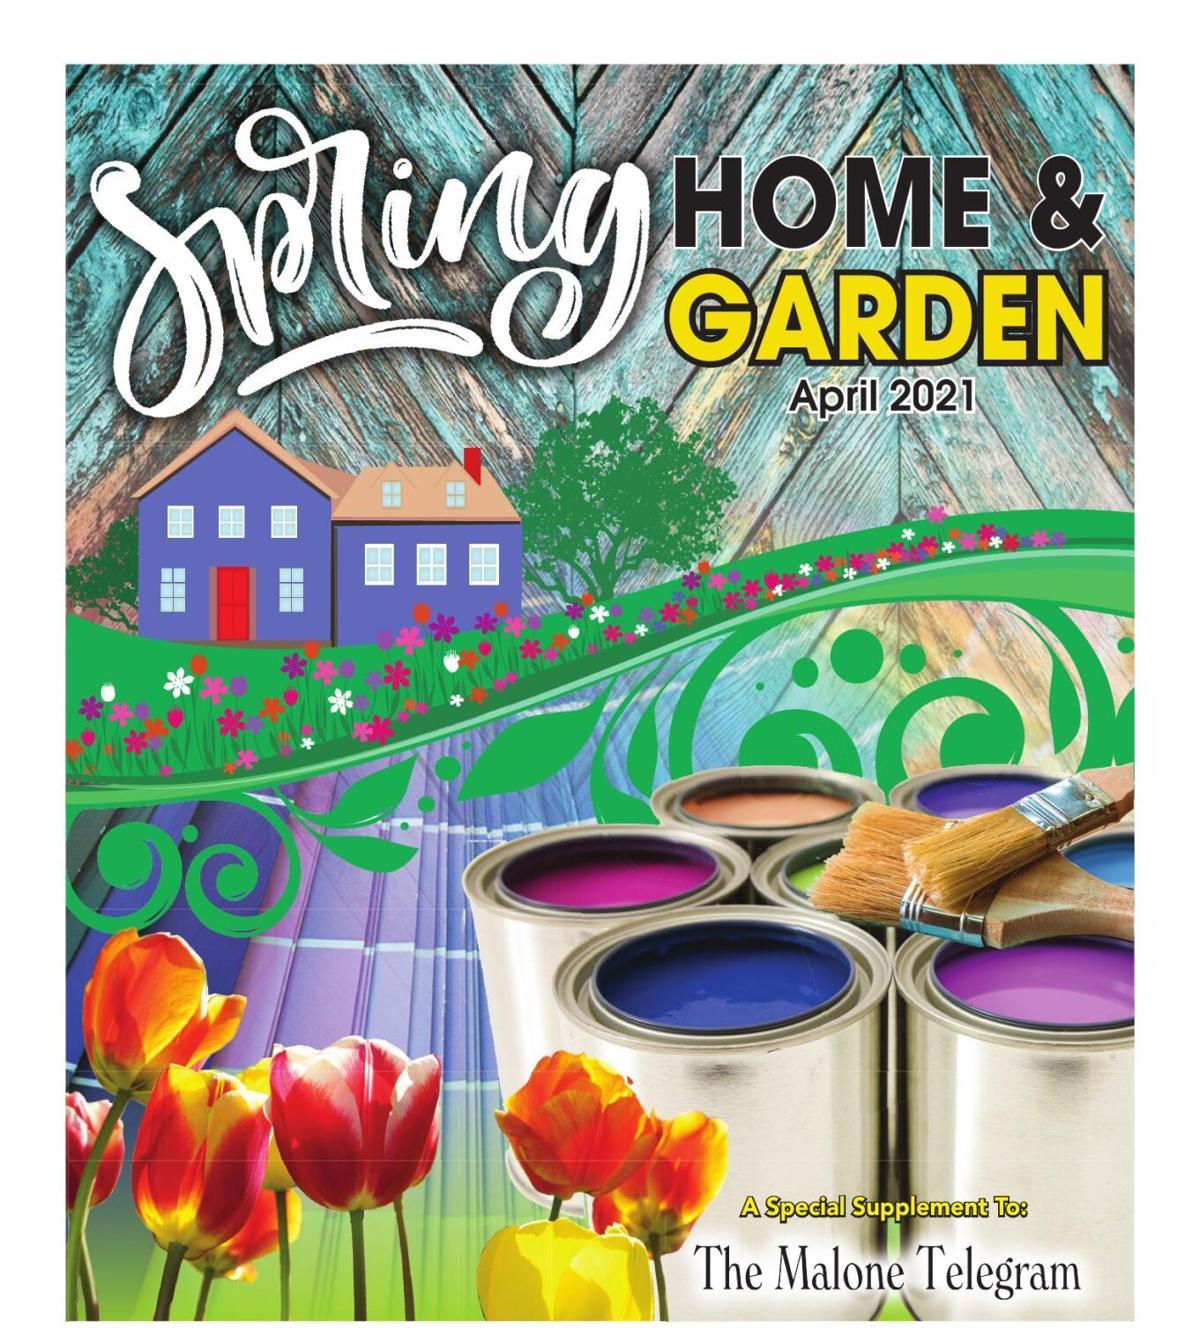 2021 Spring Home & Garden